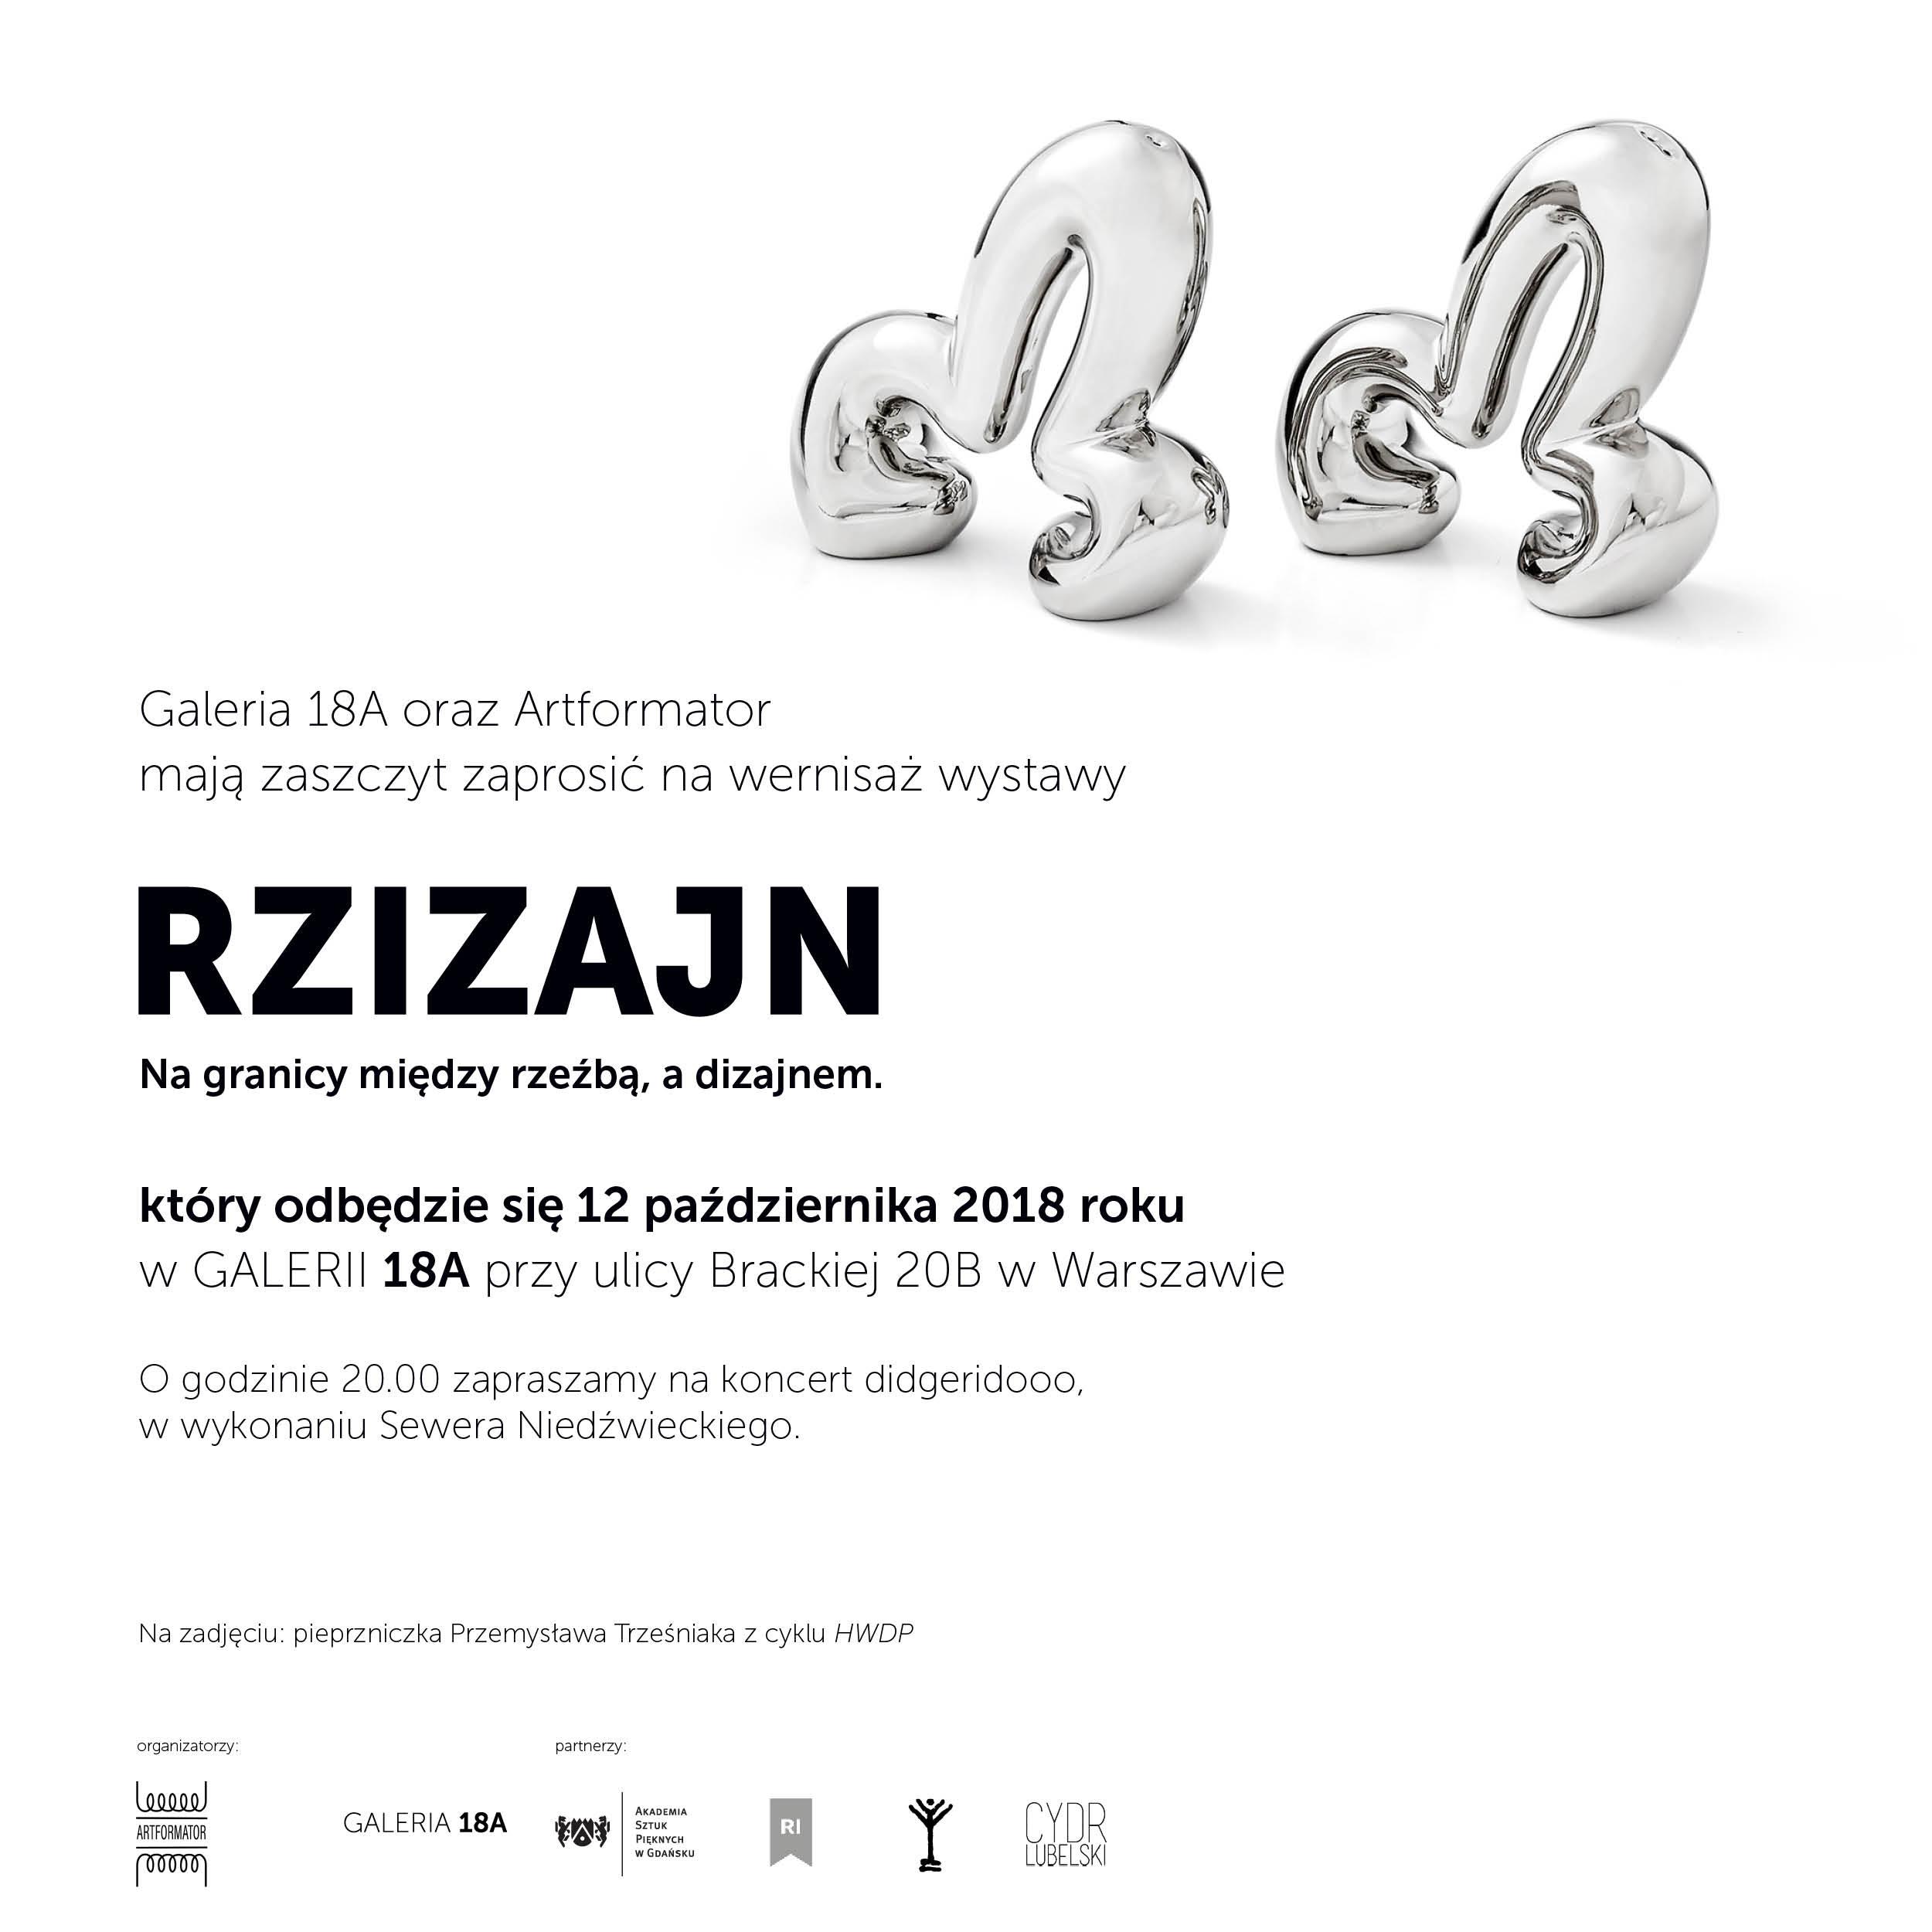 """""""Rzizajn"""", Galeria 18a, Warszawa (źródło: materiały prasowe organizatorów)"""